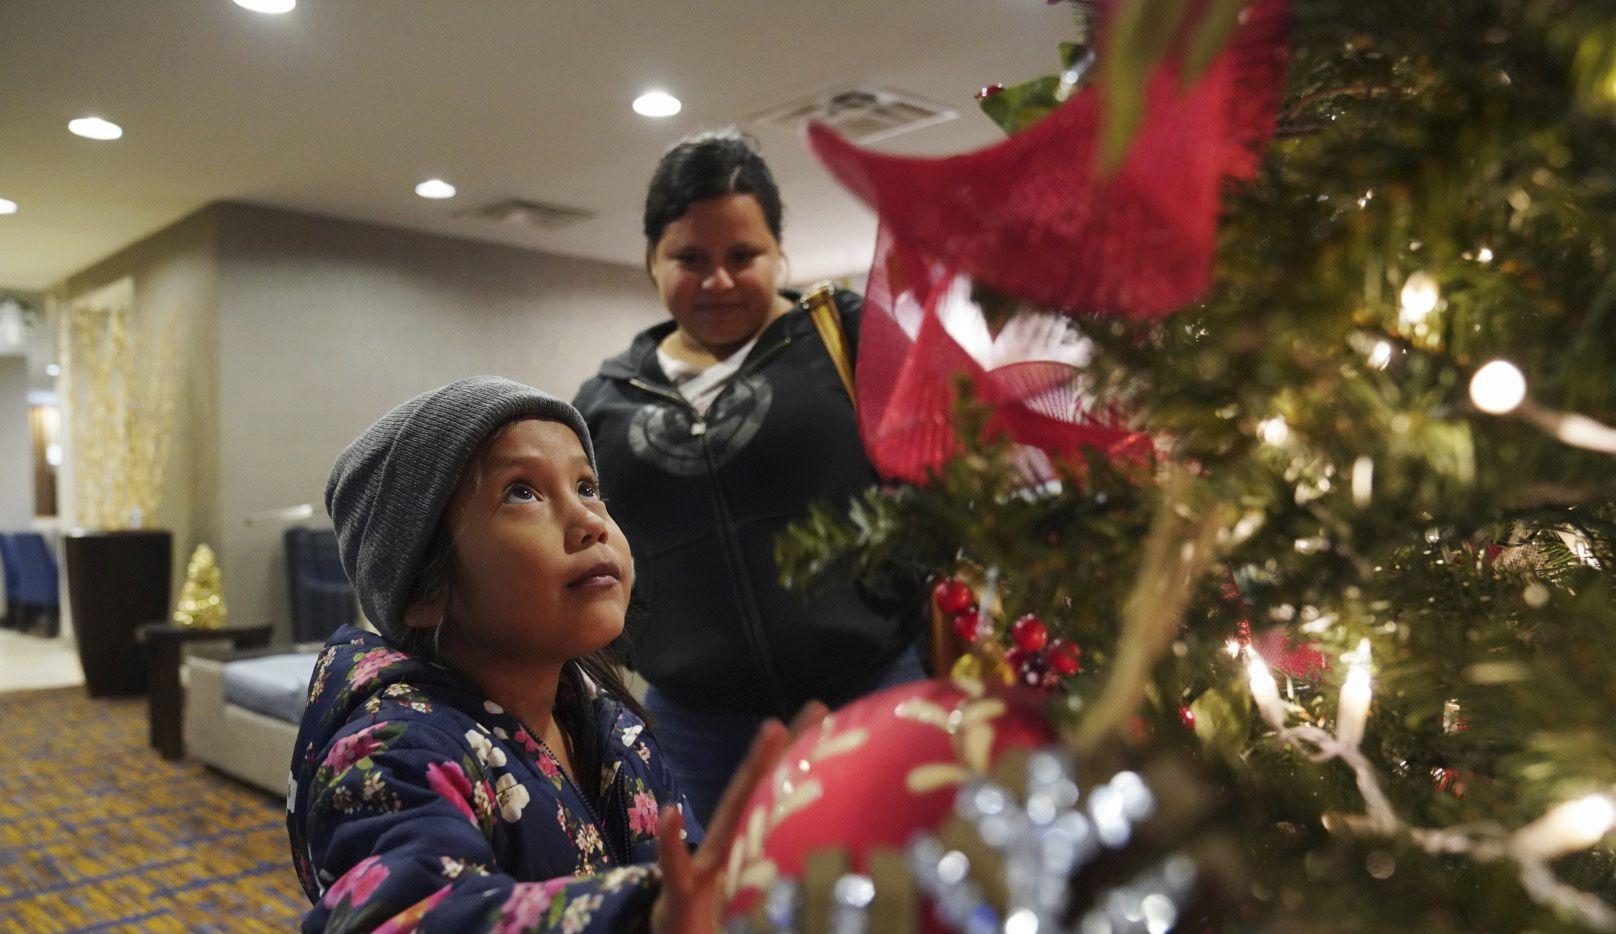 Una niña de 7 años observa un árbol de Navidad en el hotel donde ella y su madre, Isabel de 21 años, pasarán la noche tras ser procesadas en el puerto de entrada de Brownsville, Texas, el martes 17 de diciembre de 2019.